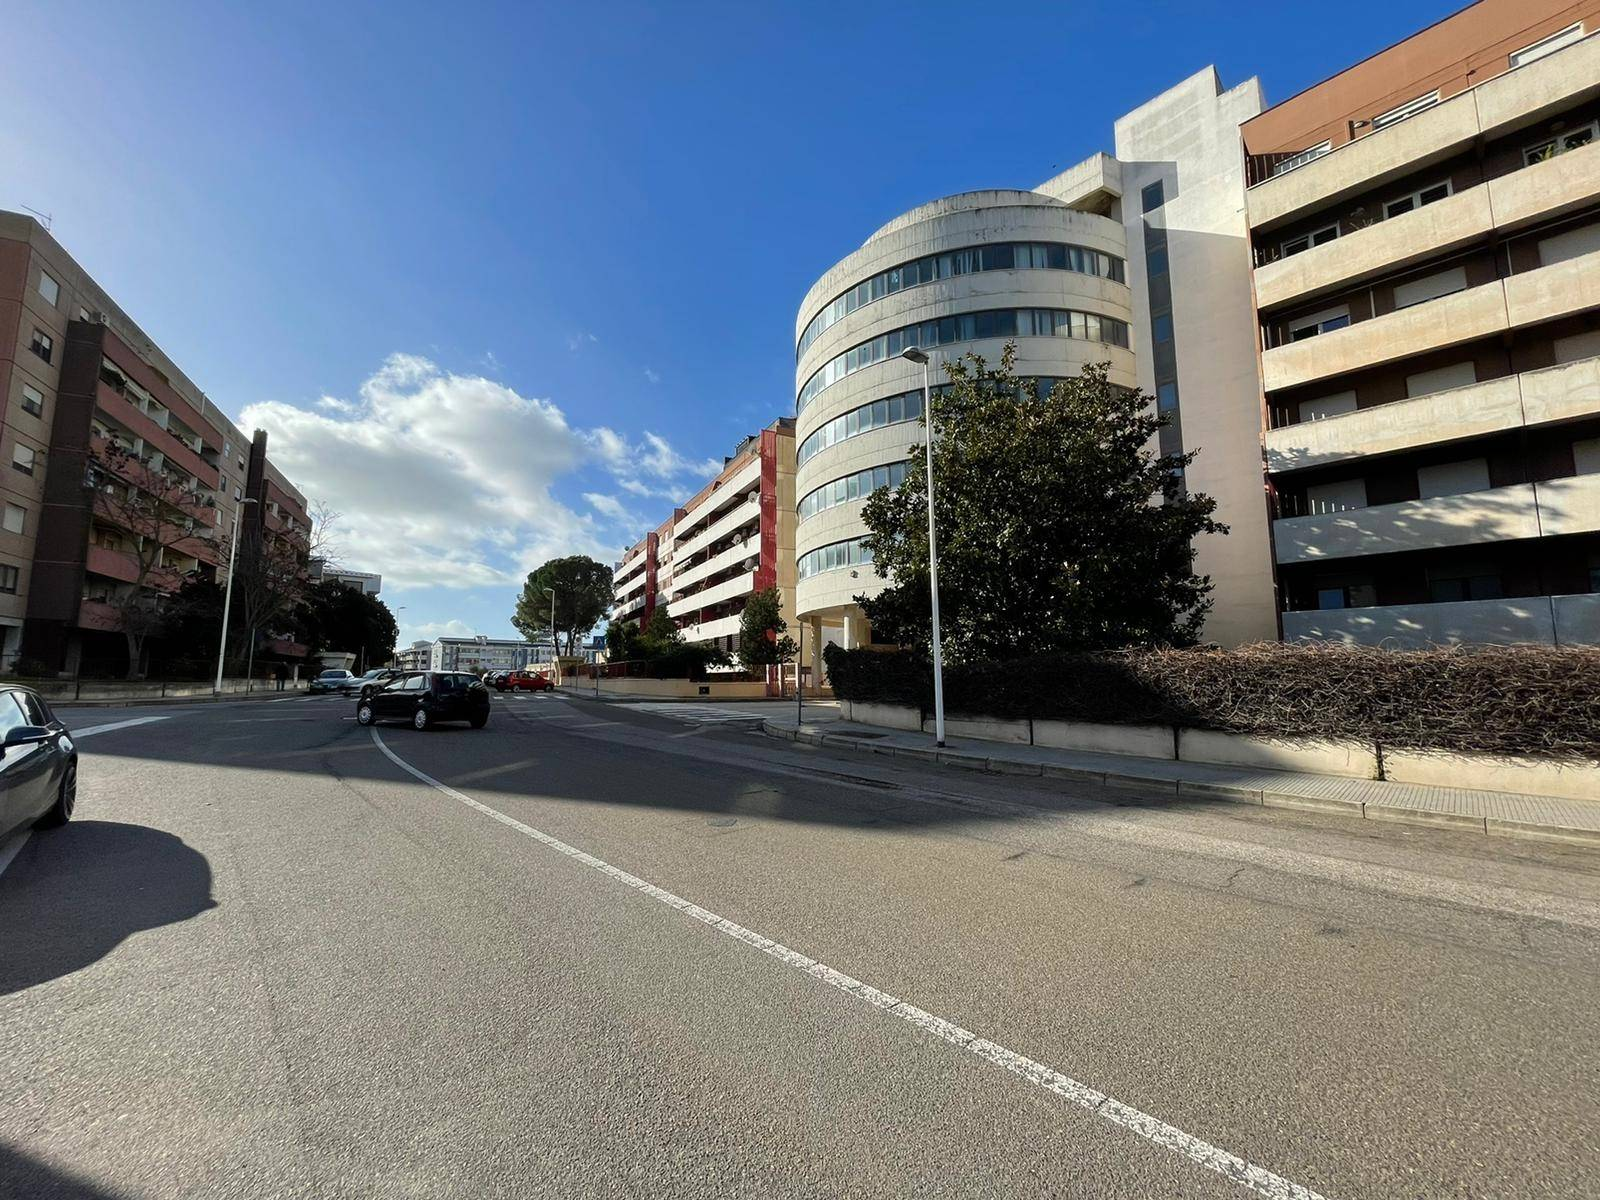 Negozio / Locale in vendita a Cagliari, 9999 locali, zona Località: SuPlanu, prezzo € 330.000 | CambioCasa.it